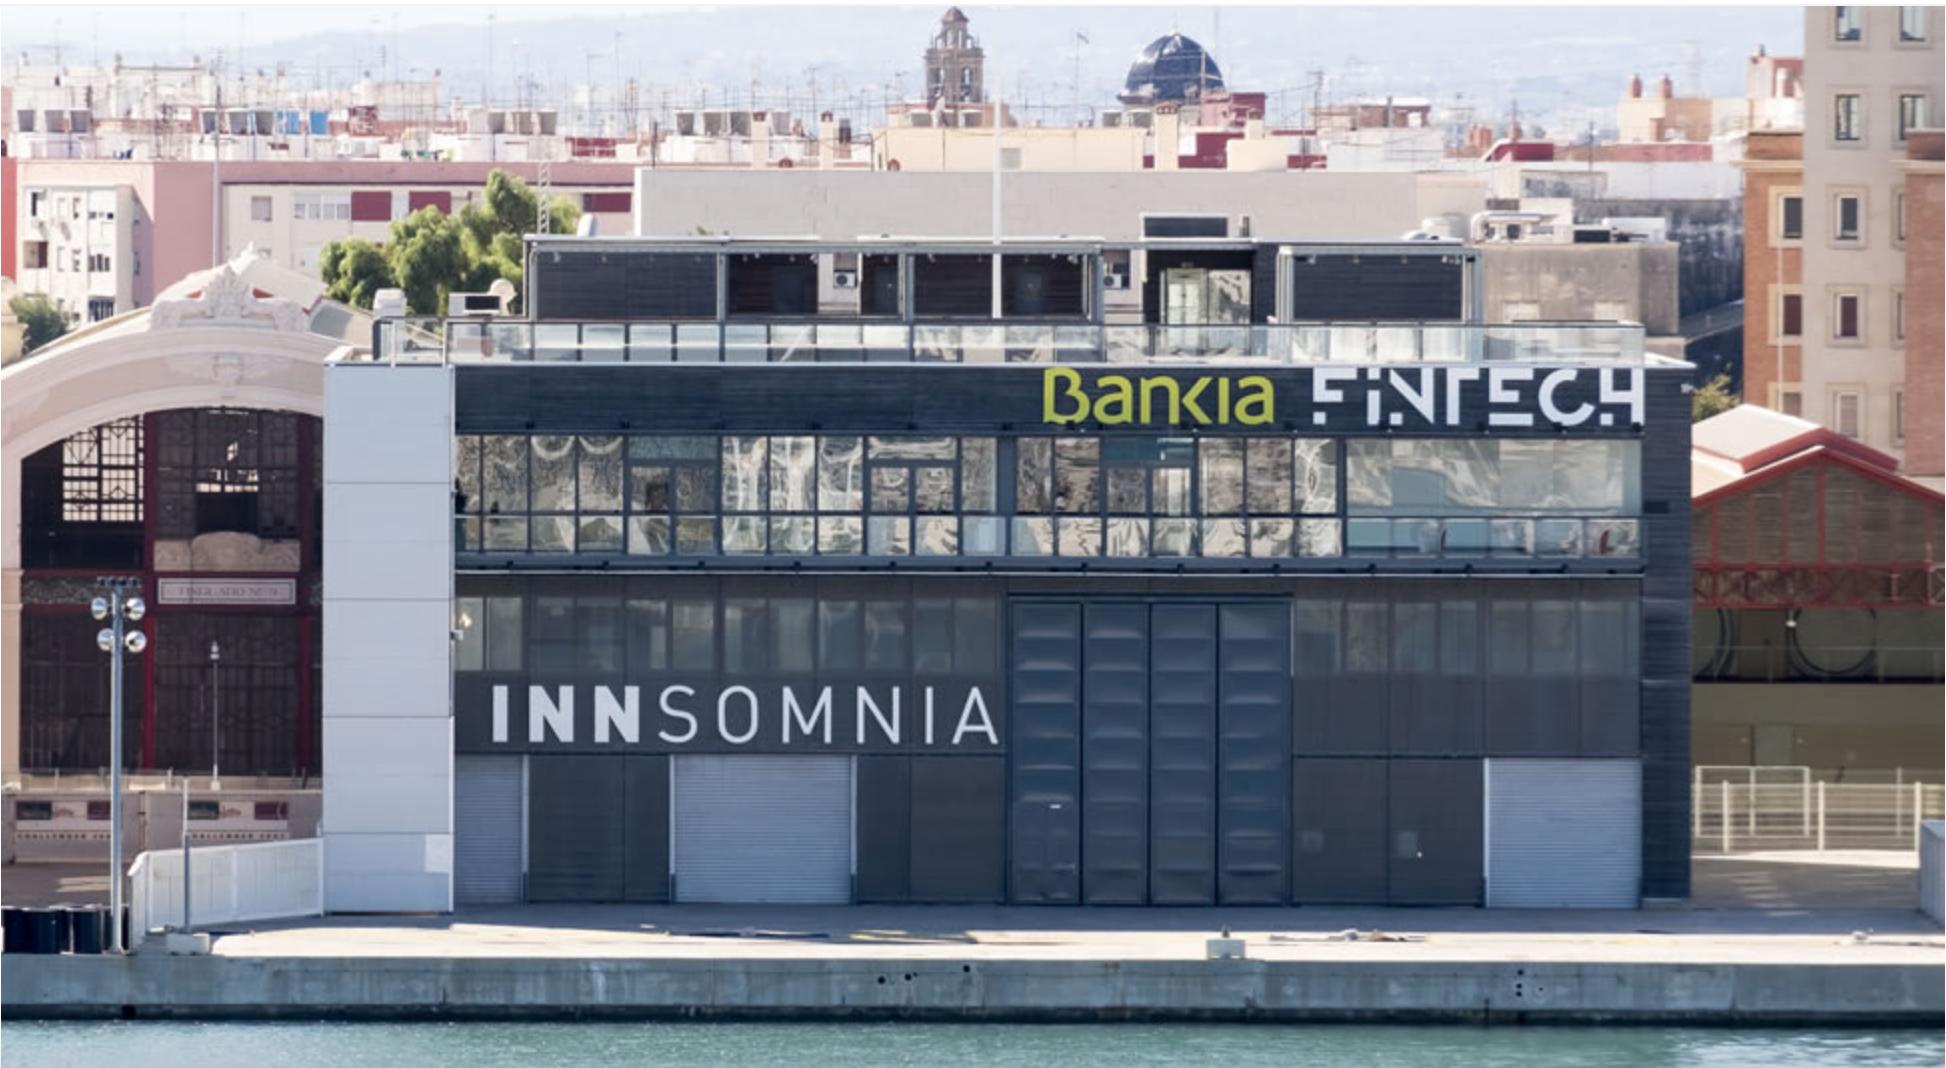 Innsomnia facilities.